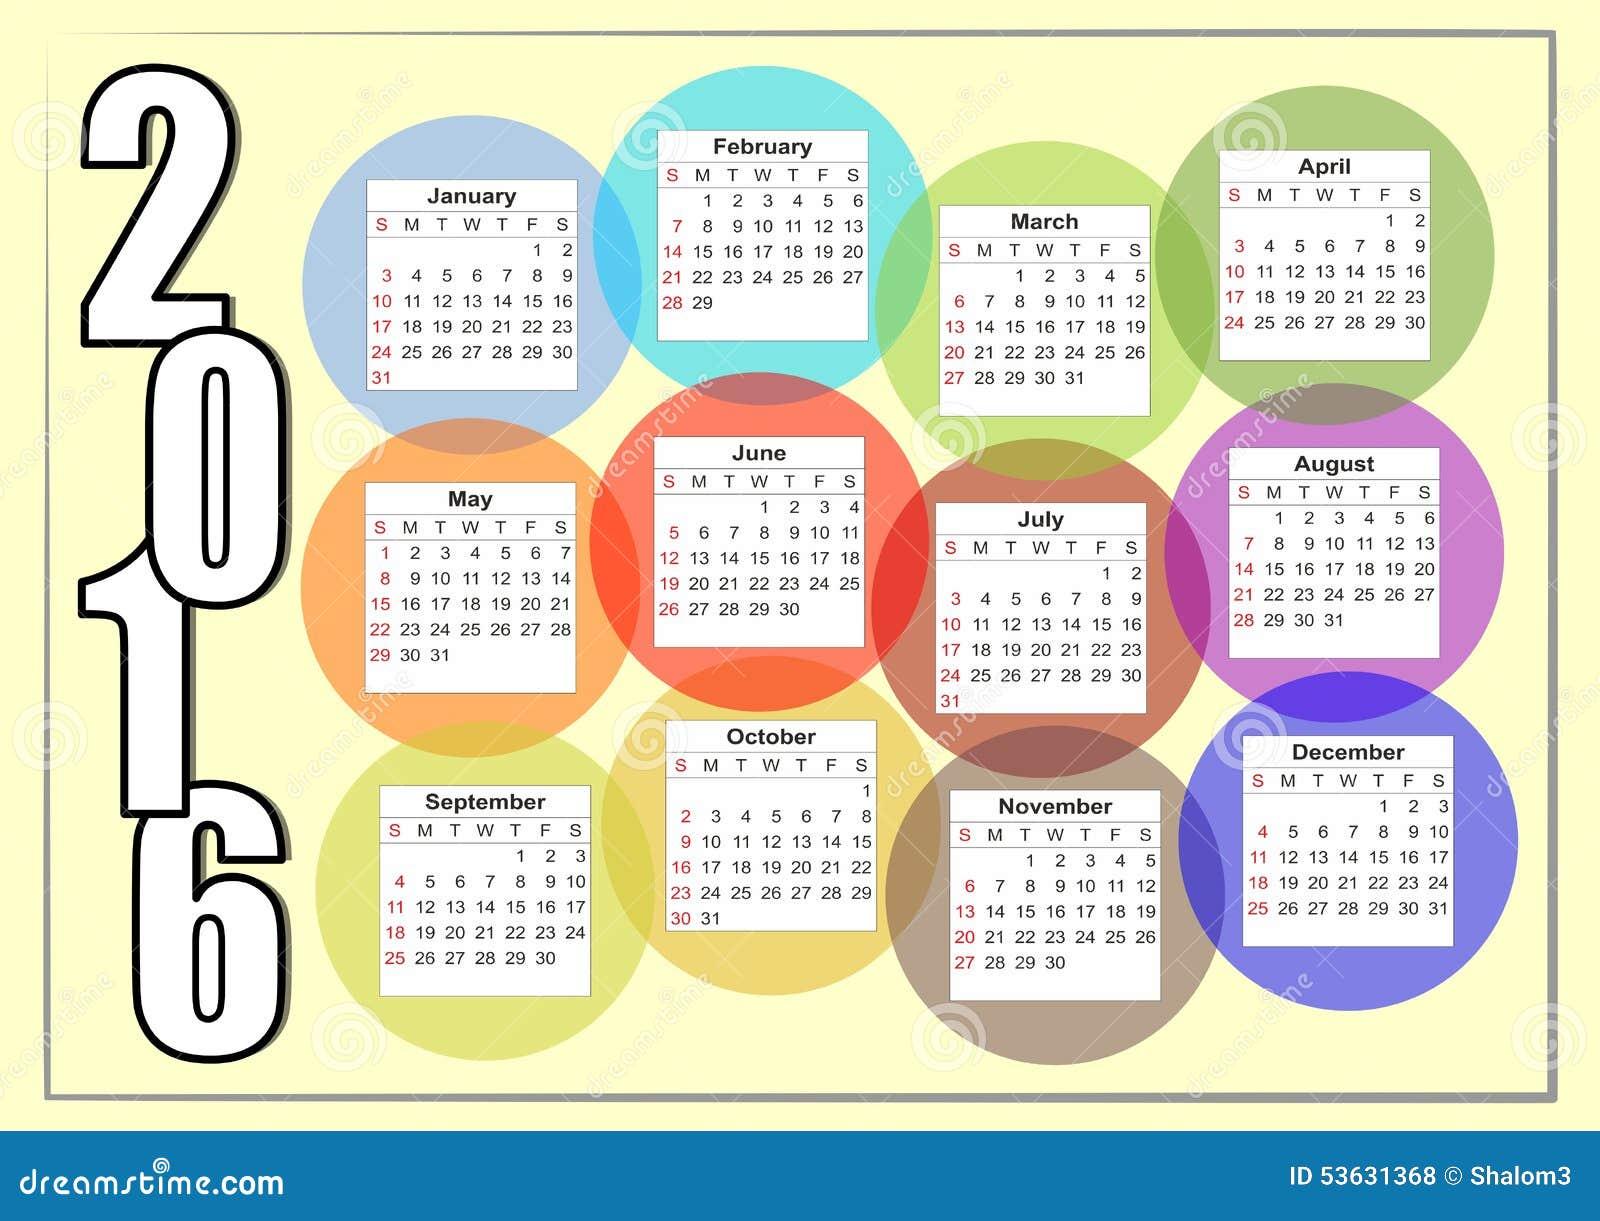 Calendario 2016 en Excel - PlanillaExcel.com